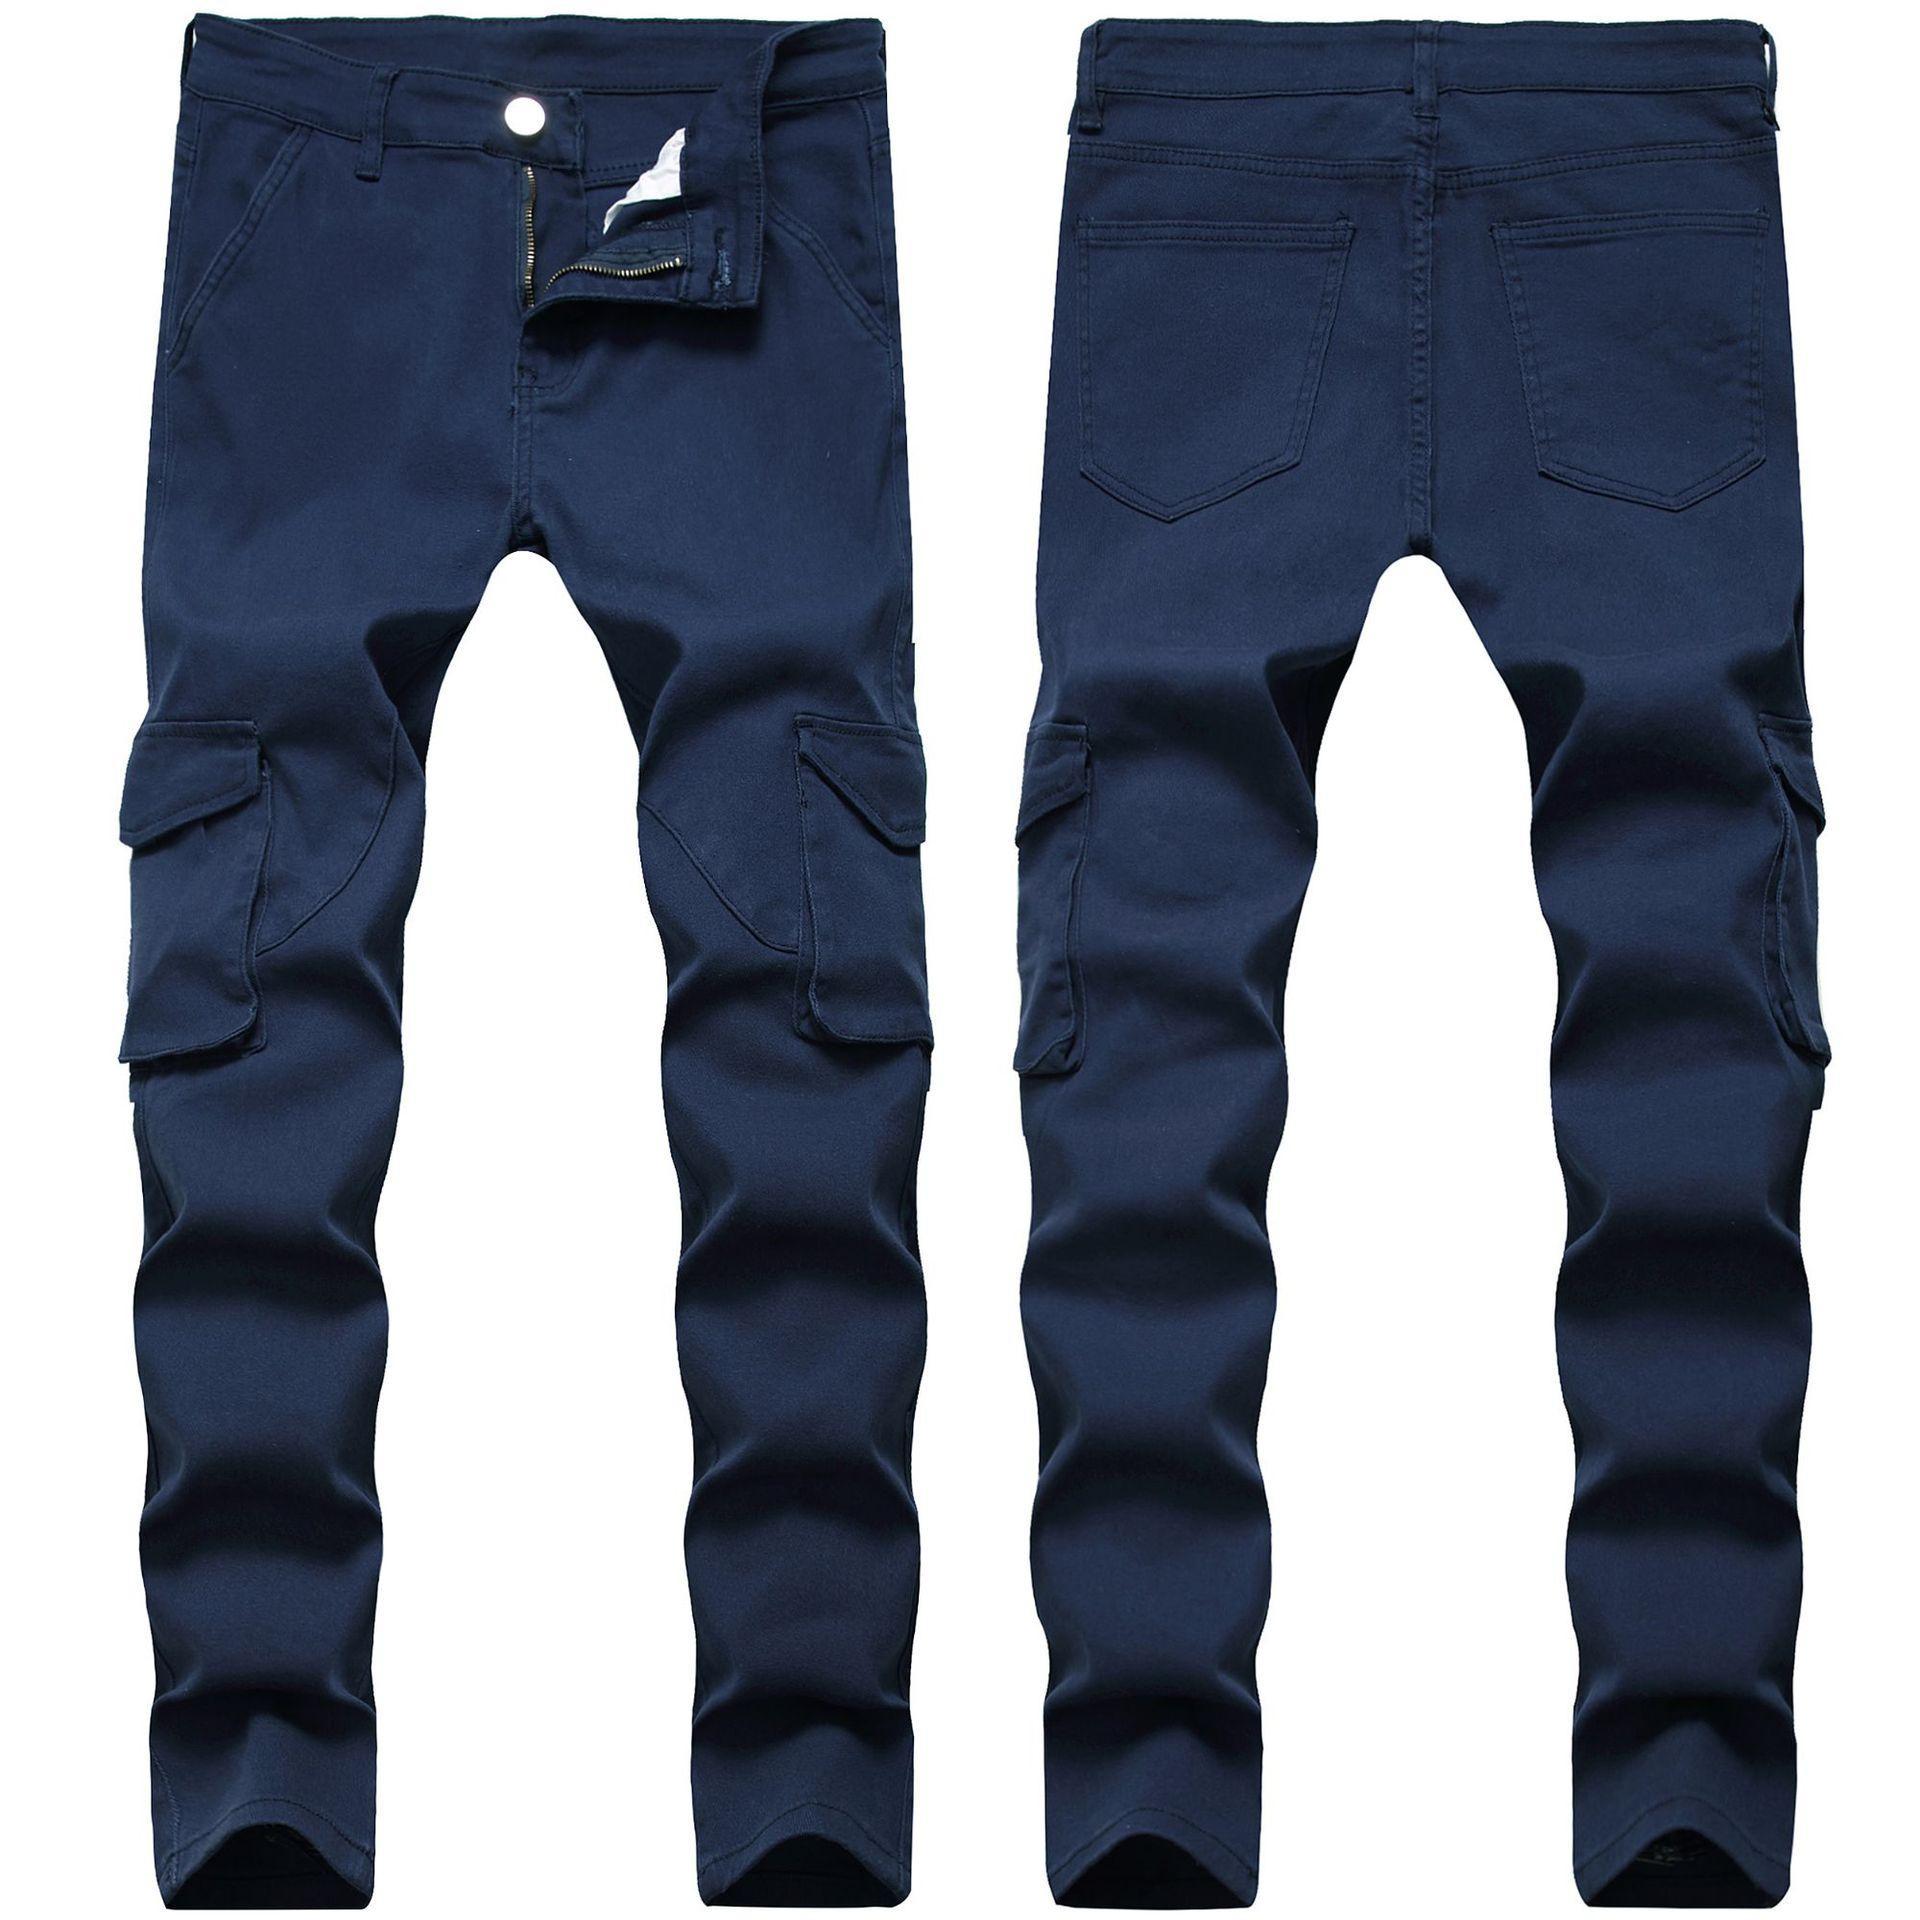 Sıska Erkek Kot Mavi Serin Erkekler Kot Streç Slim Fit Denim Biker Jeans Hip Hop Erkekler Streetwear 1105 #